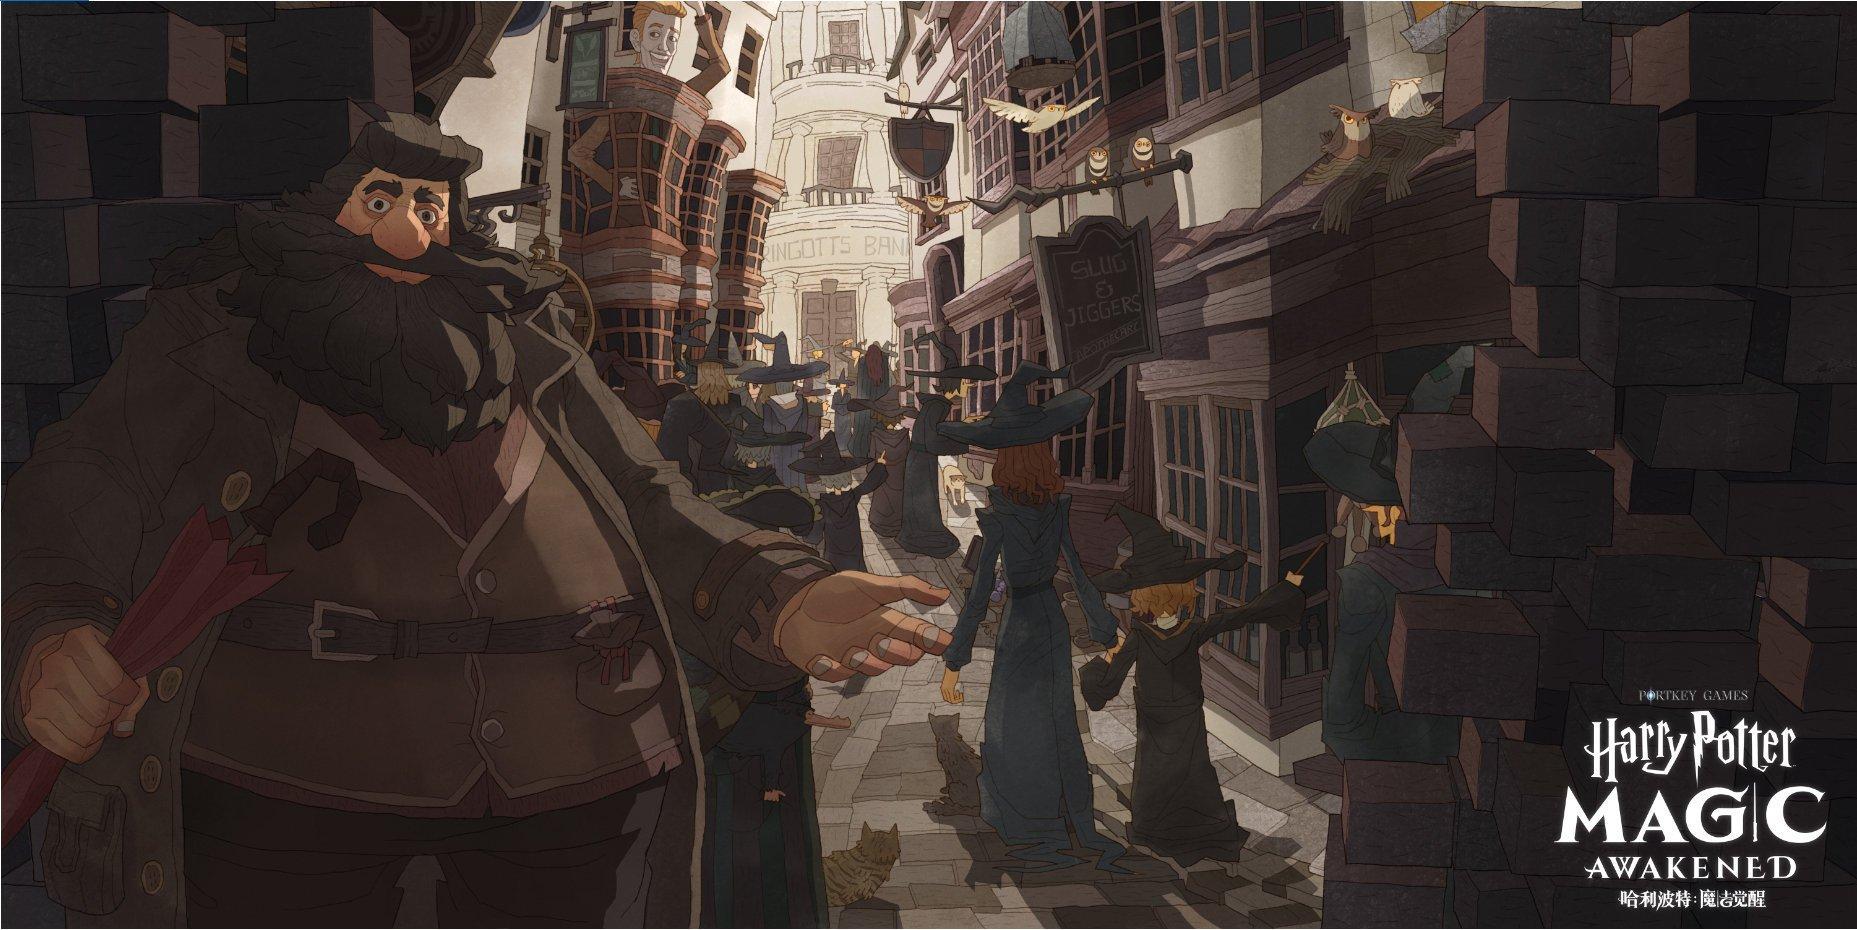 Harry Potter Magic Awakened: in sviluppo un nuovo gioco per smartphone thumbnail